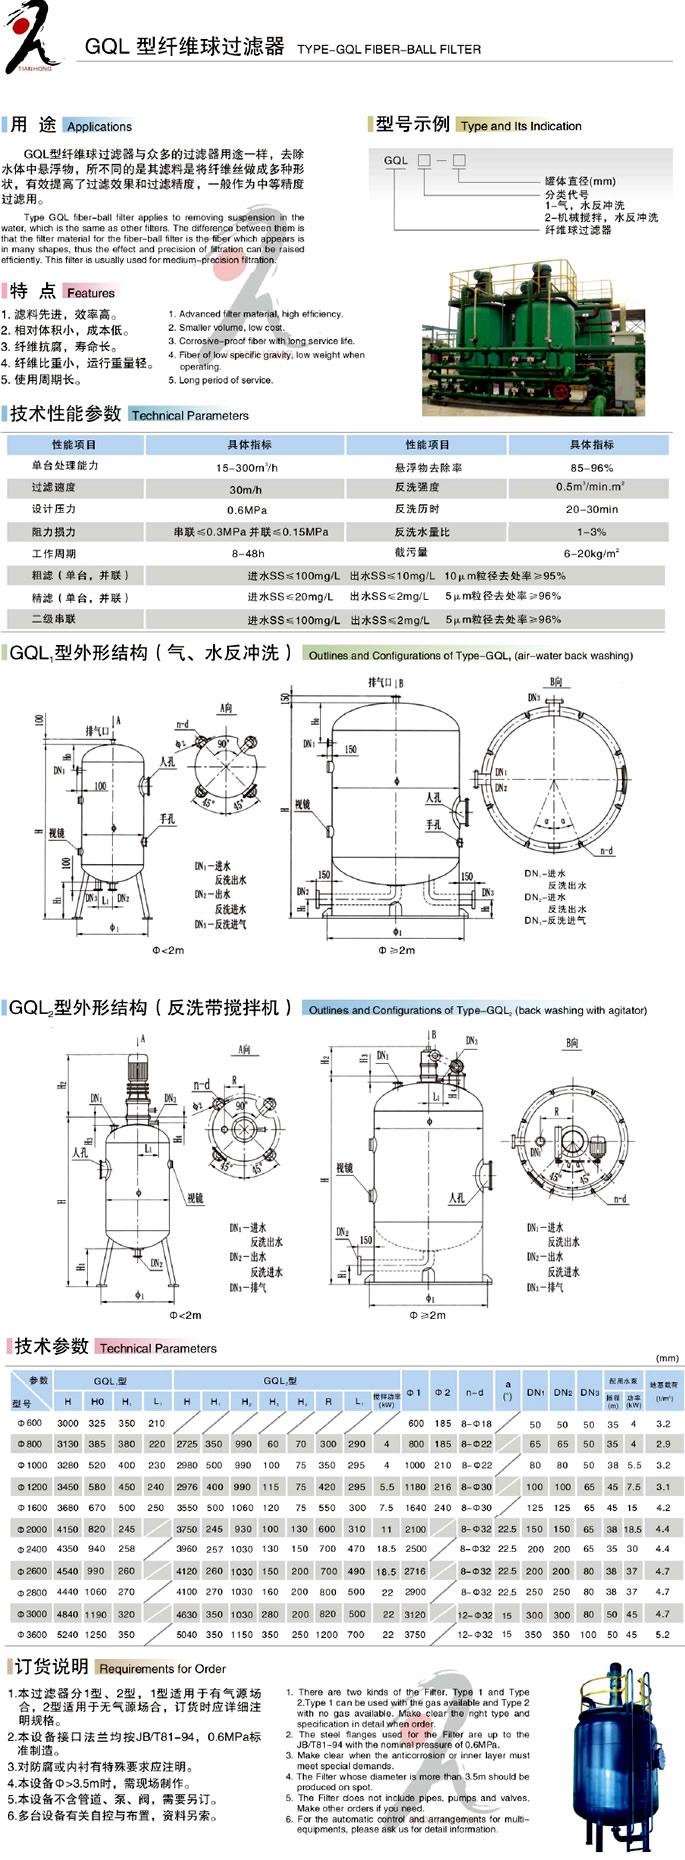 其他污水处理设备-gql型纤维球过滤器-其他污水处理